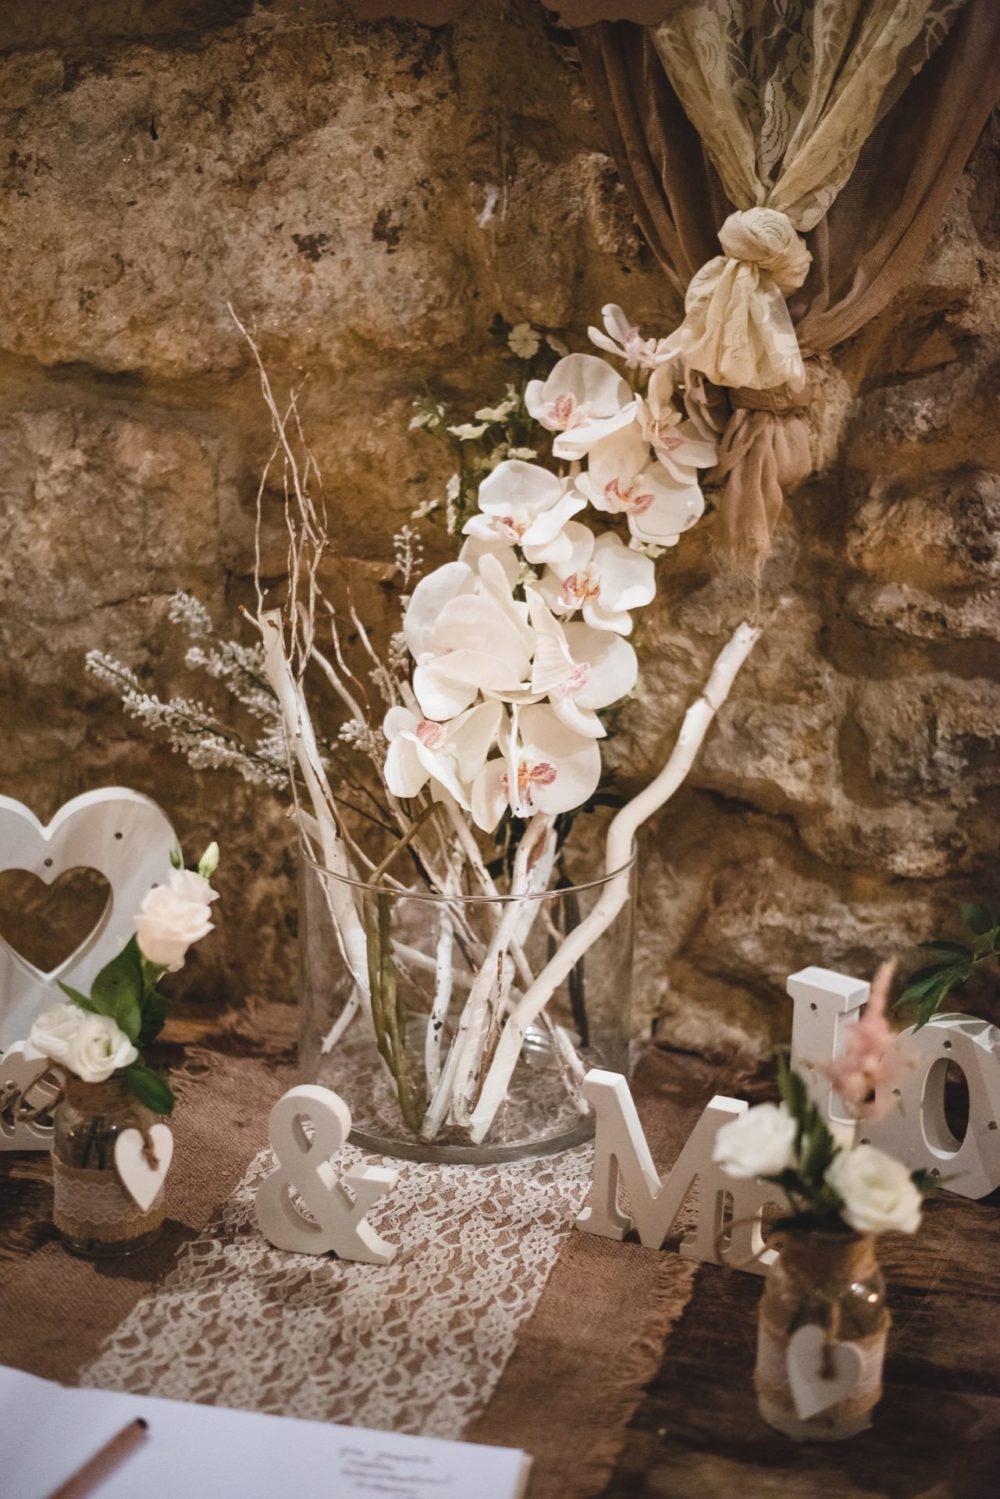 Fotografisi Gamou Wedding Gamos Fotografos Ilias & Dimitra092